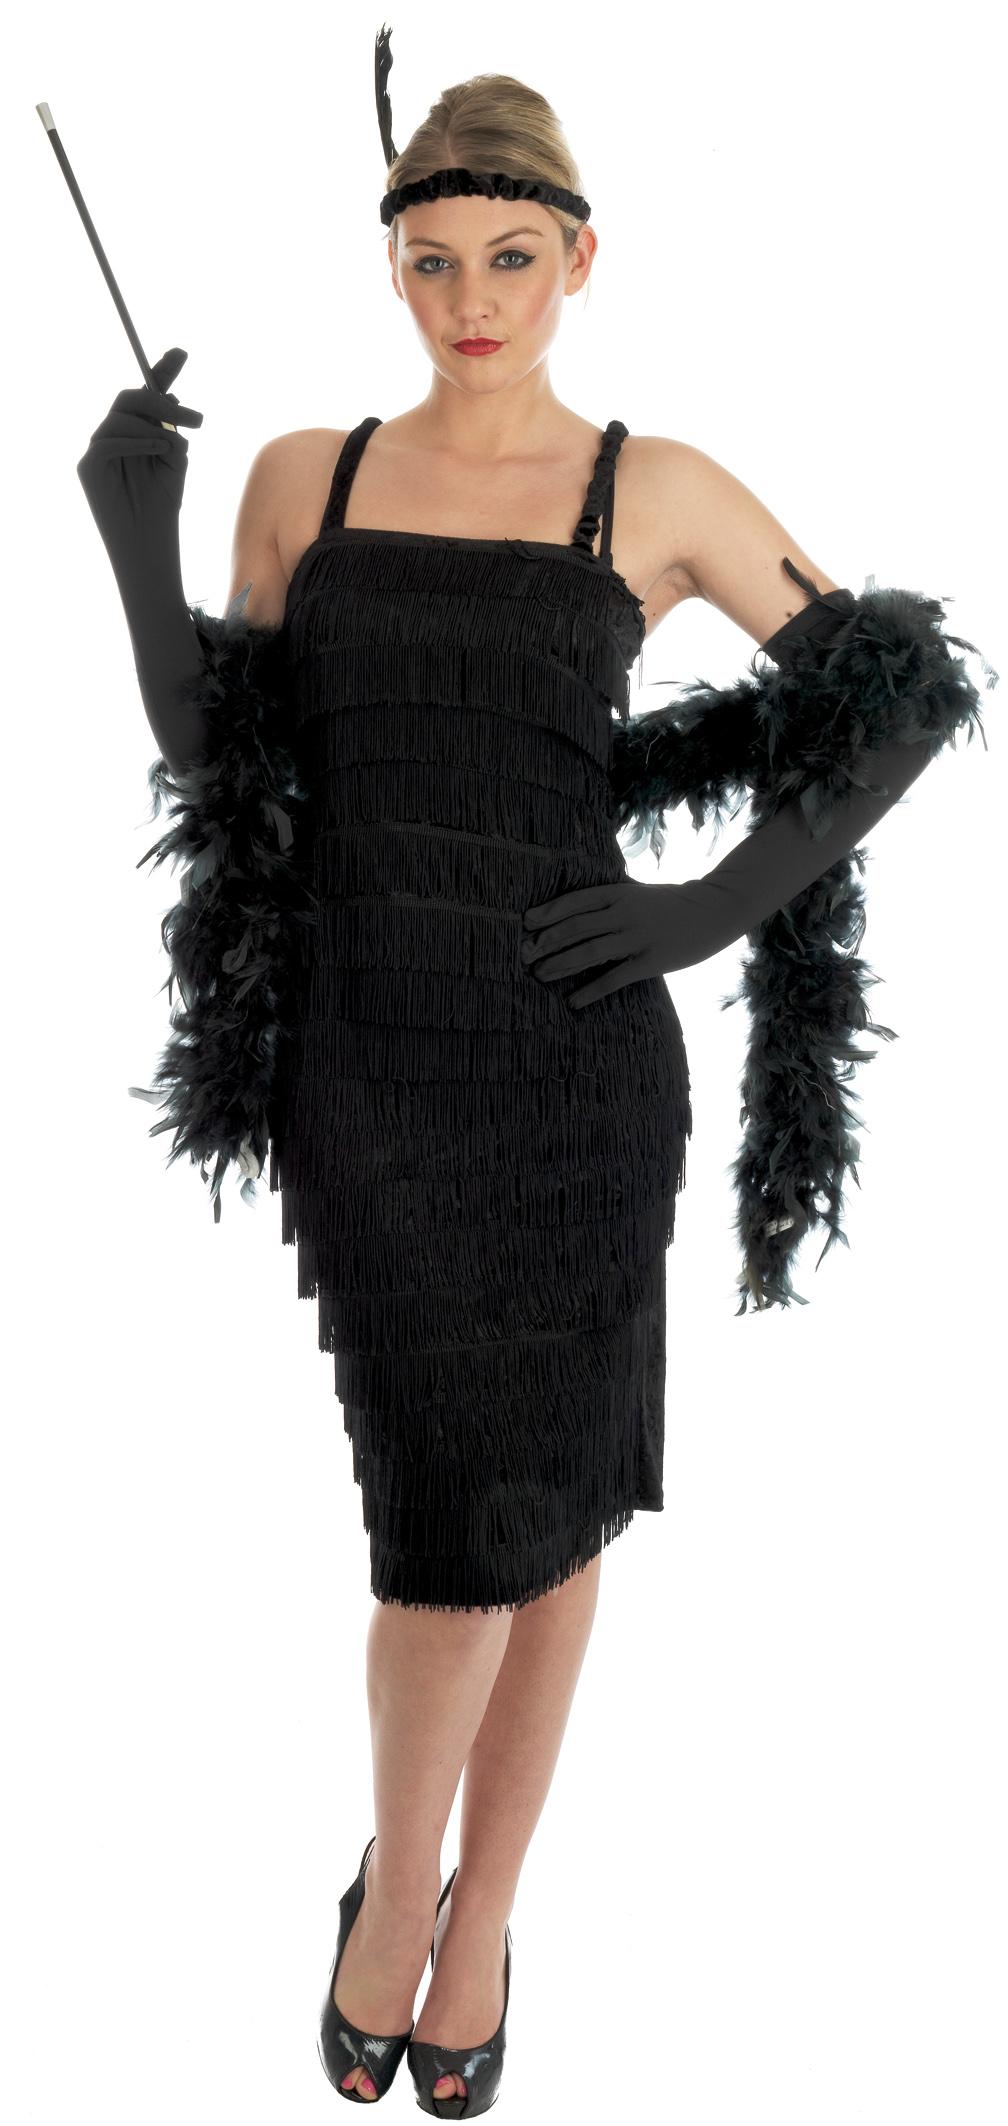 Robe Noire Annees 1920 tambour CHARLESTON FEMME COSTUME ROBE FANTAISIE